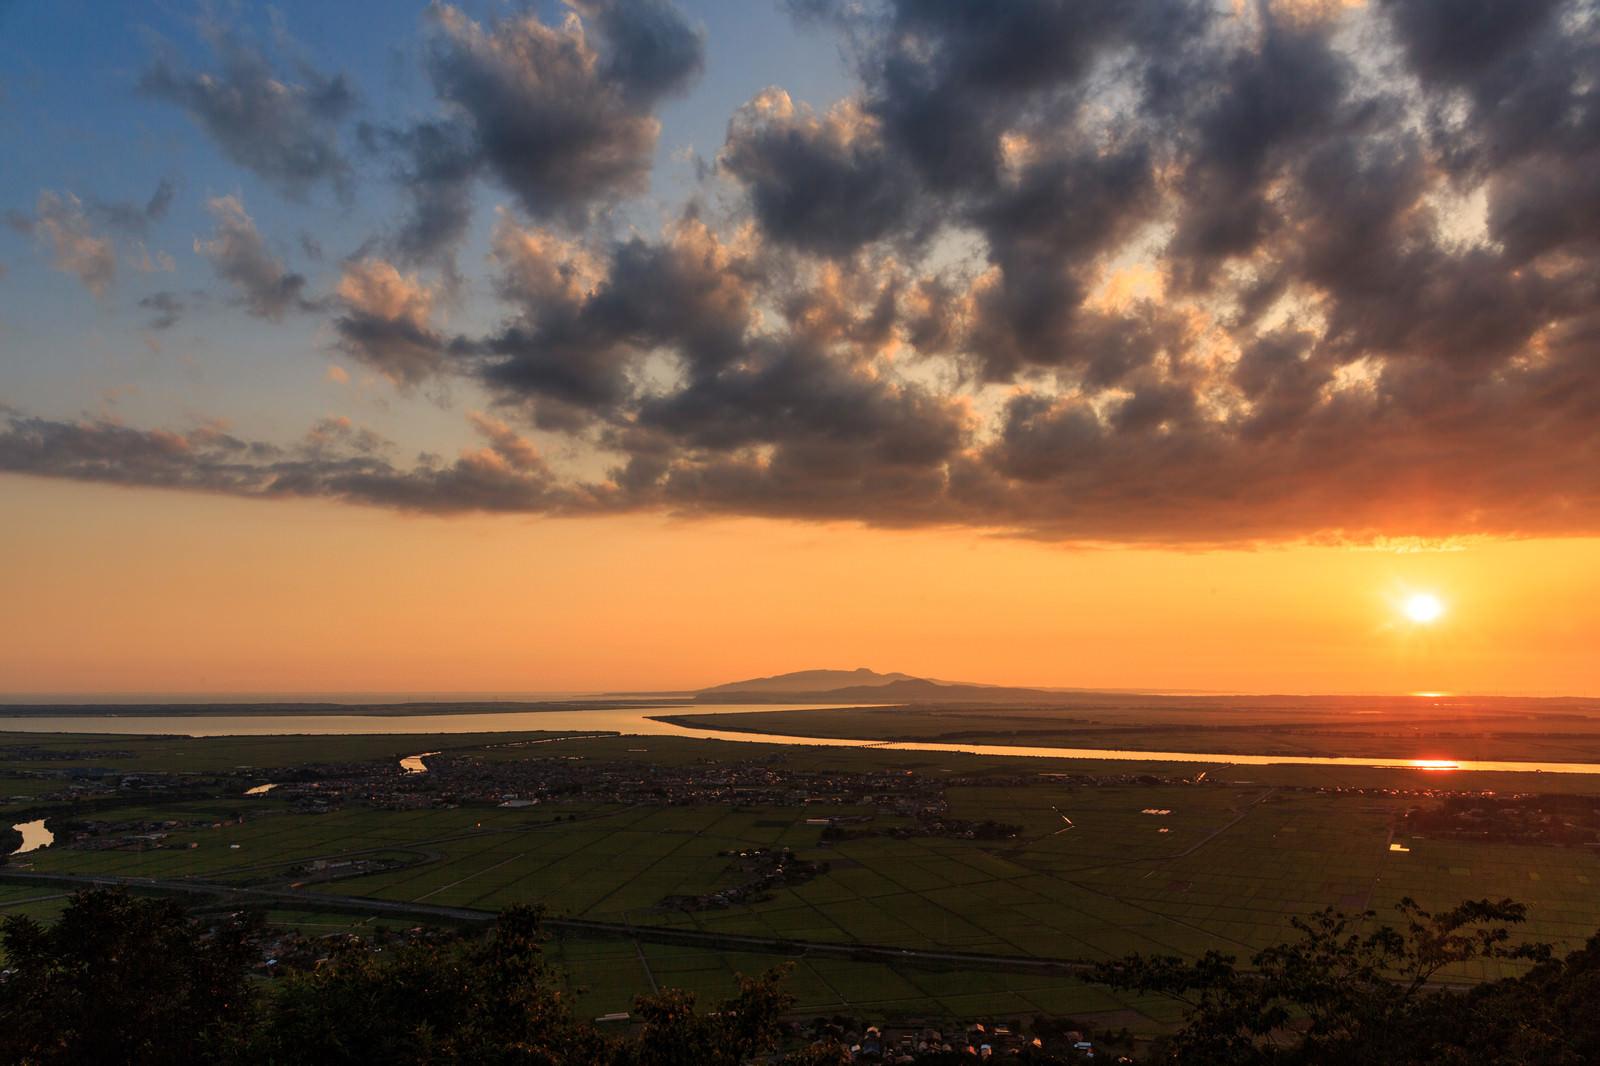 「八郎潟と夕日八郎潟と夕日」のフリー写真素材を拡大